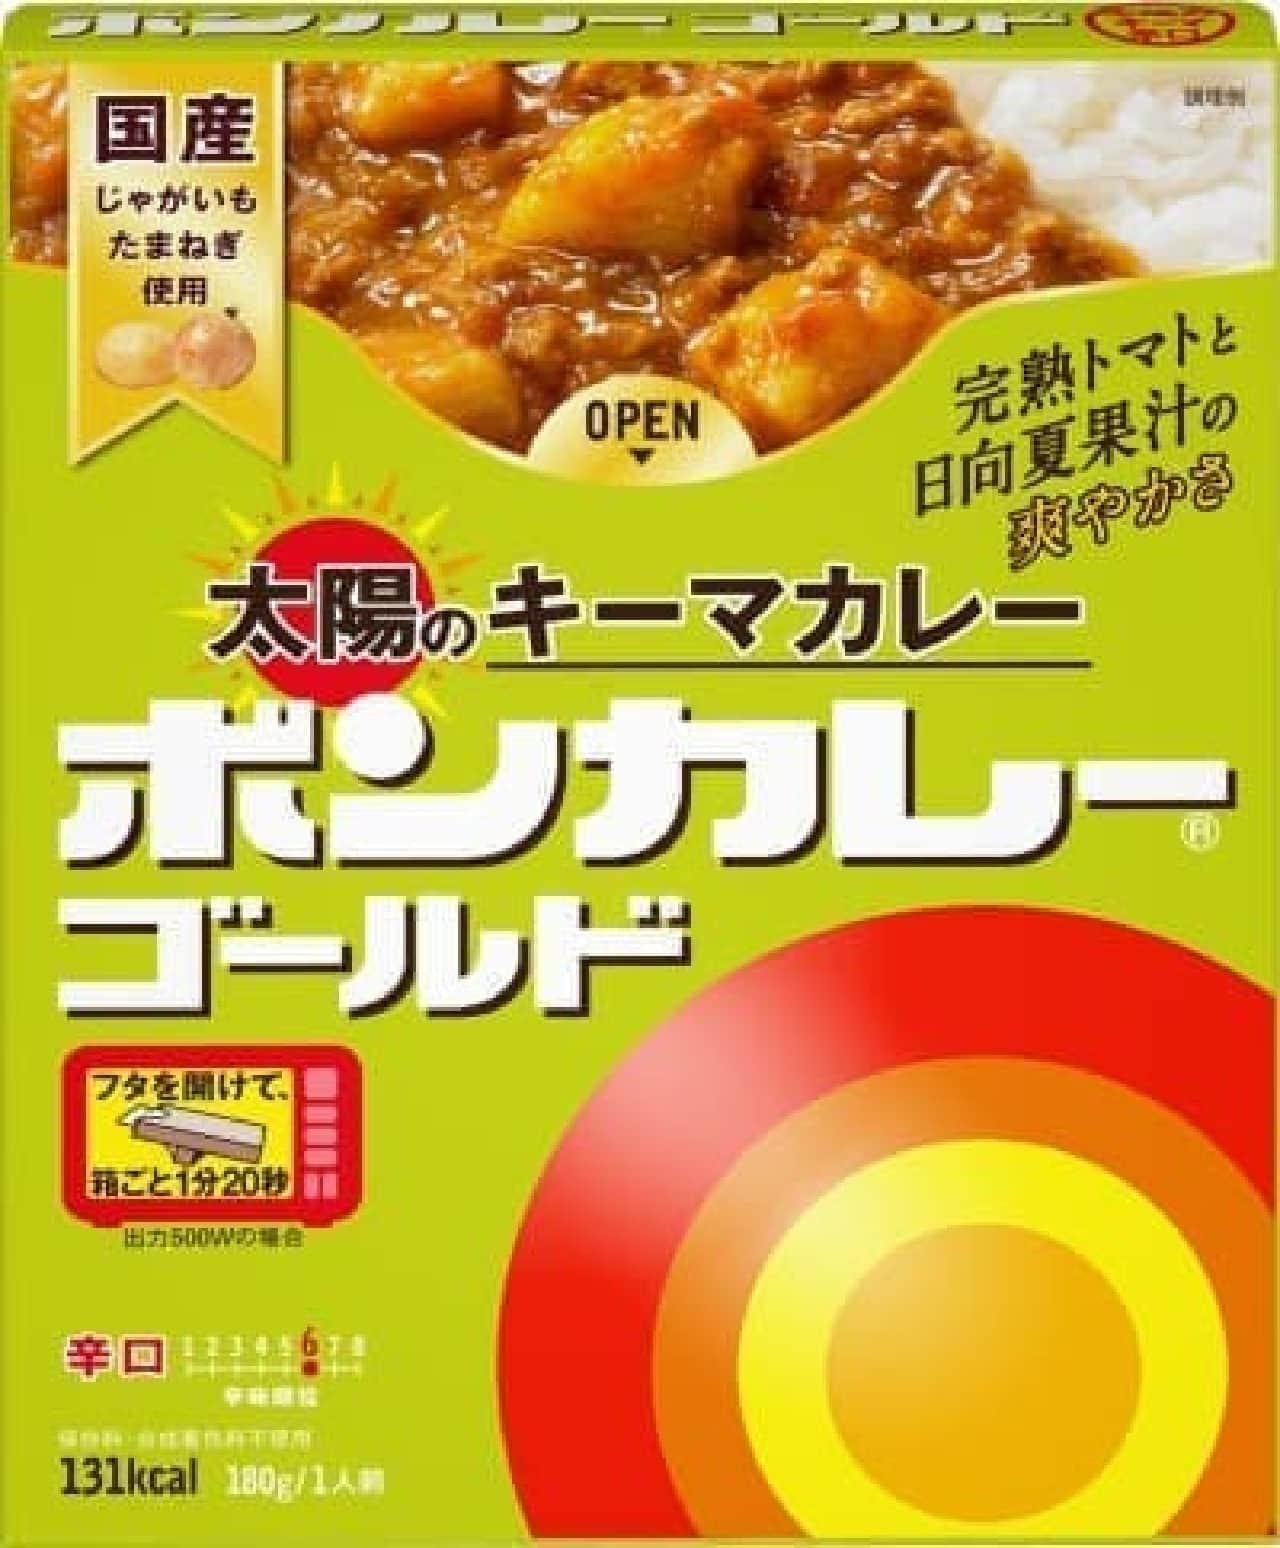 大塚食品「ボンカレーゴールド 太陽のキーマカレー」